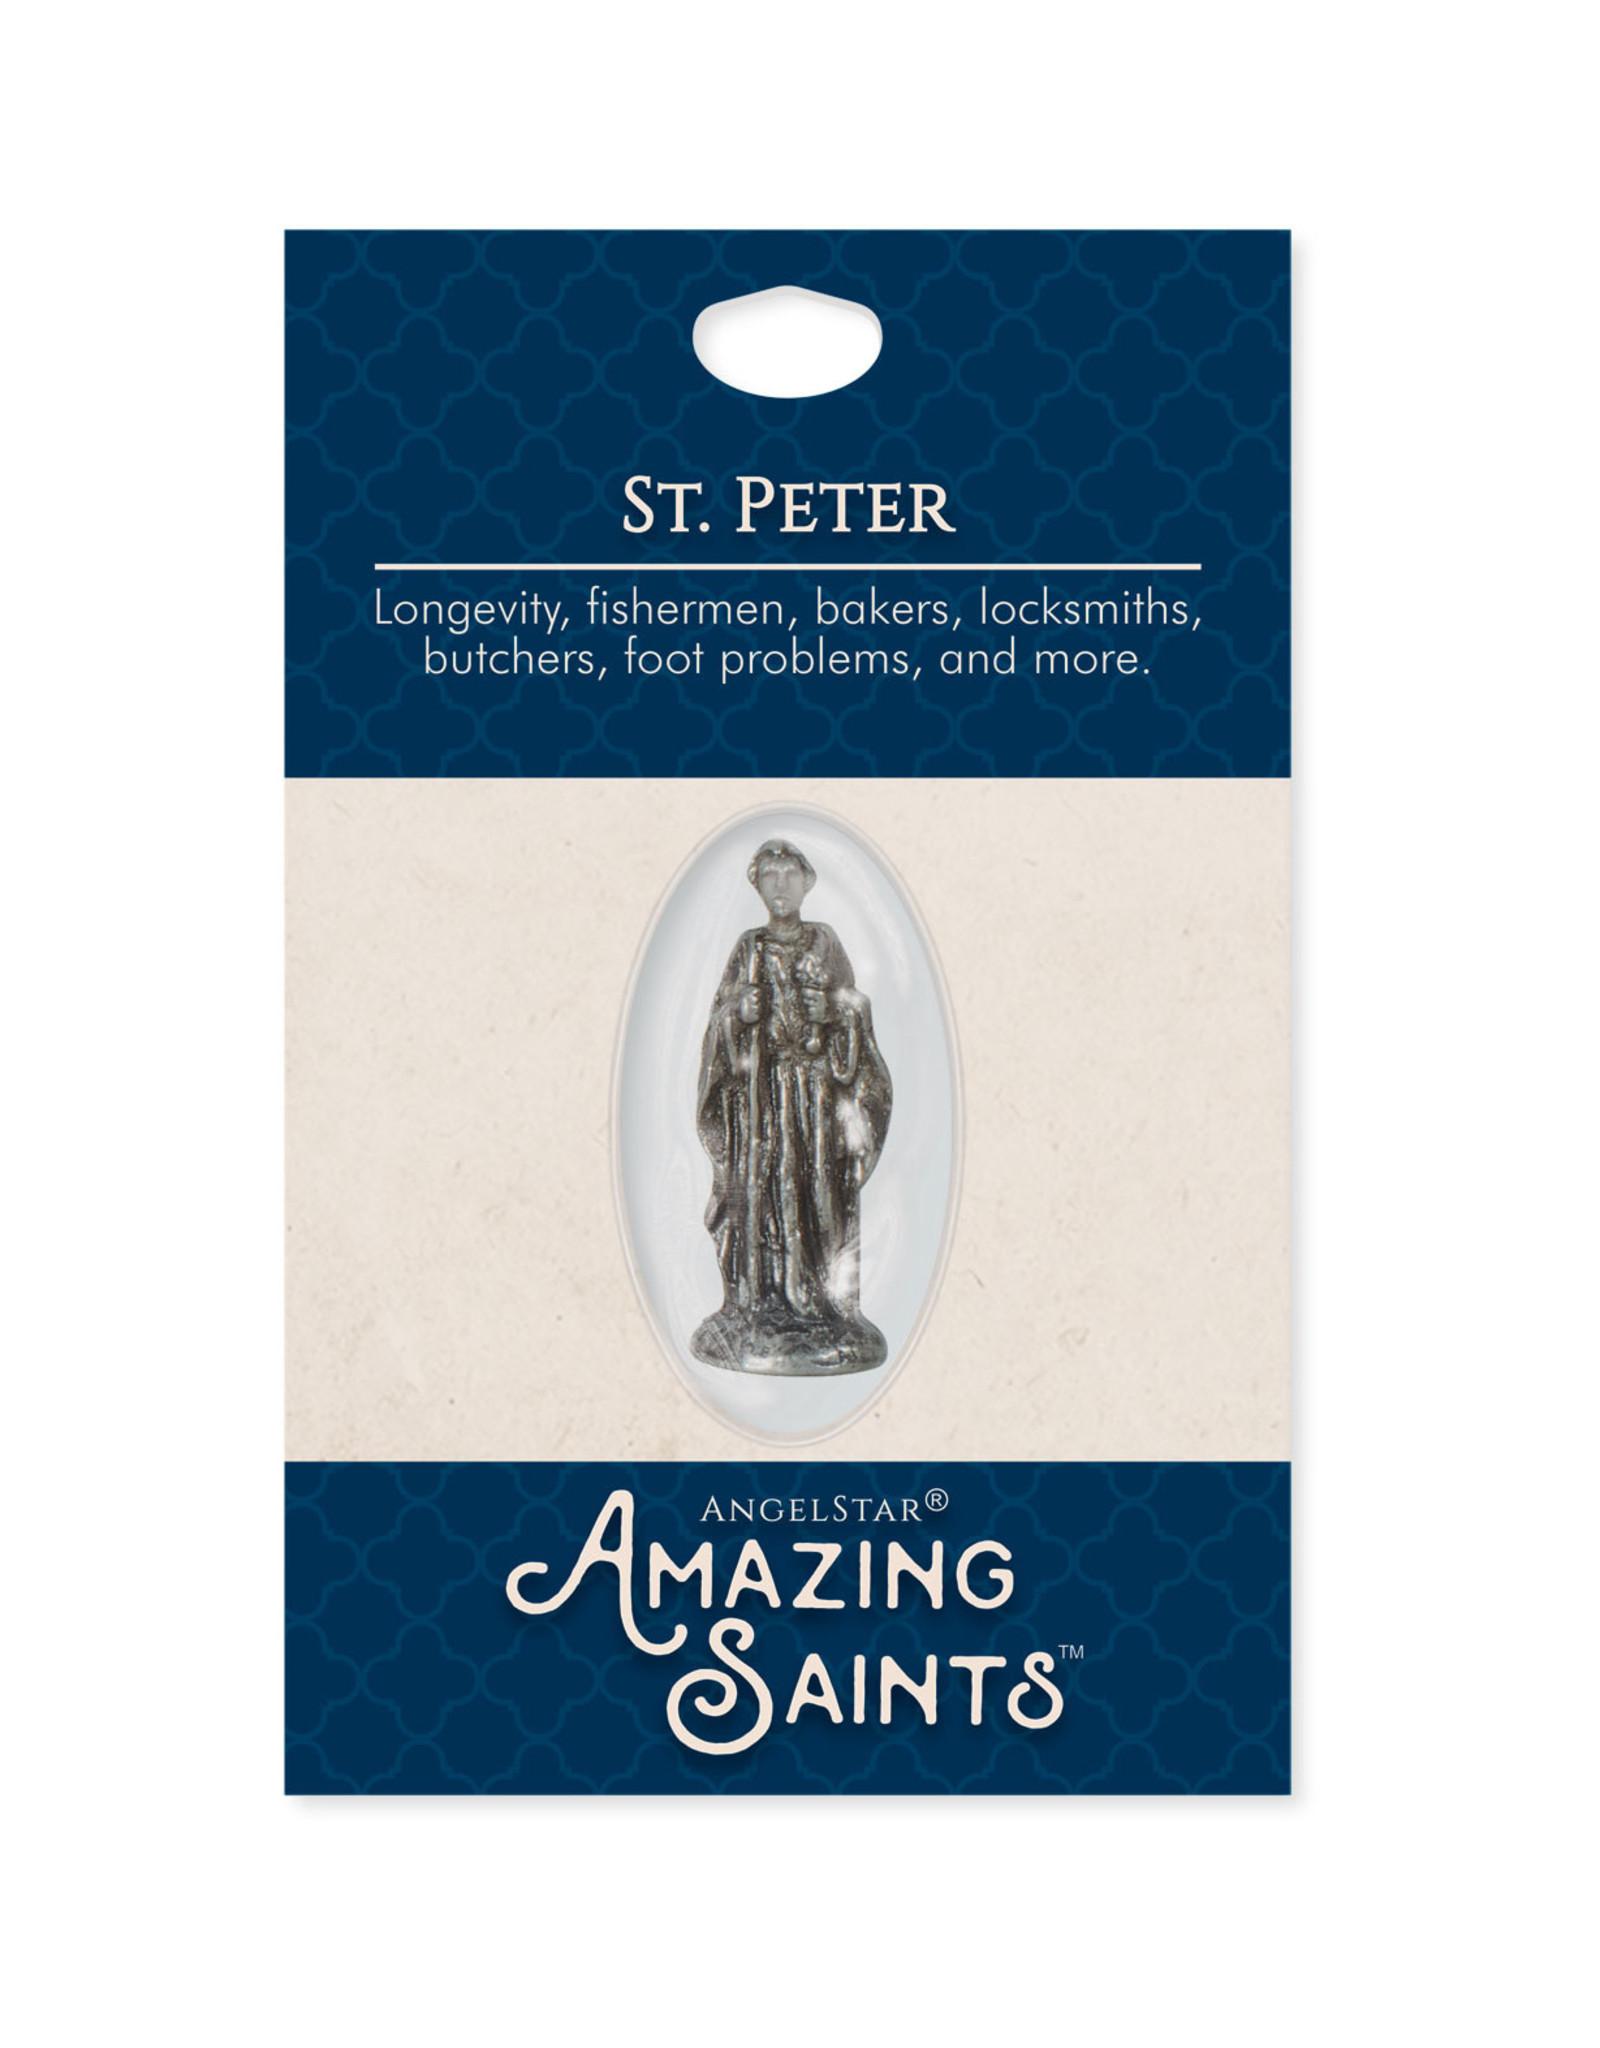 Amazing Saints - St. Peter